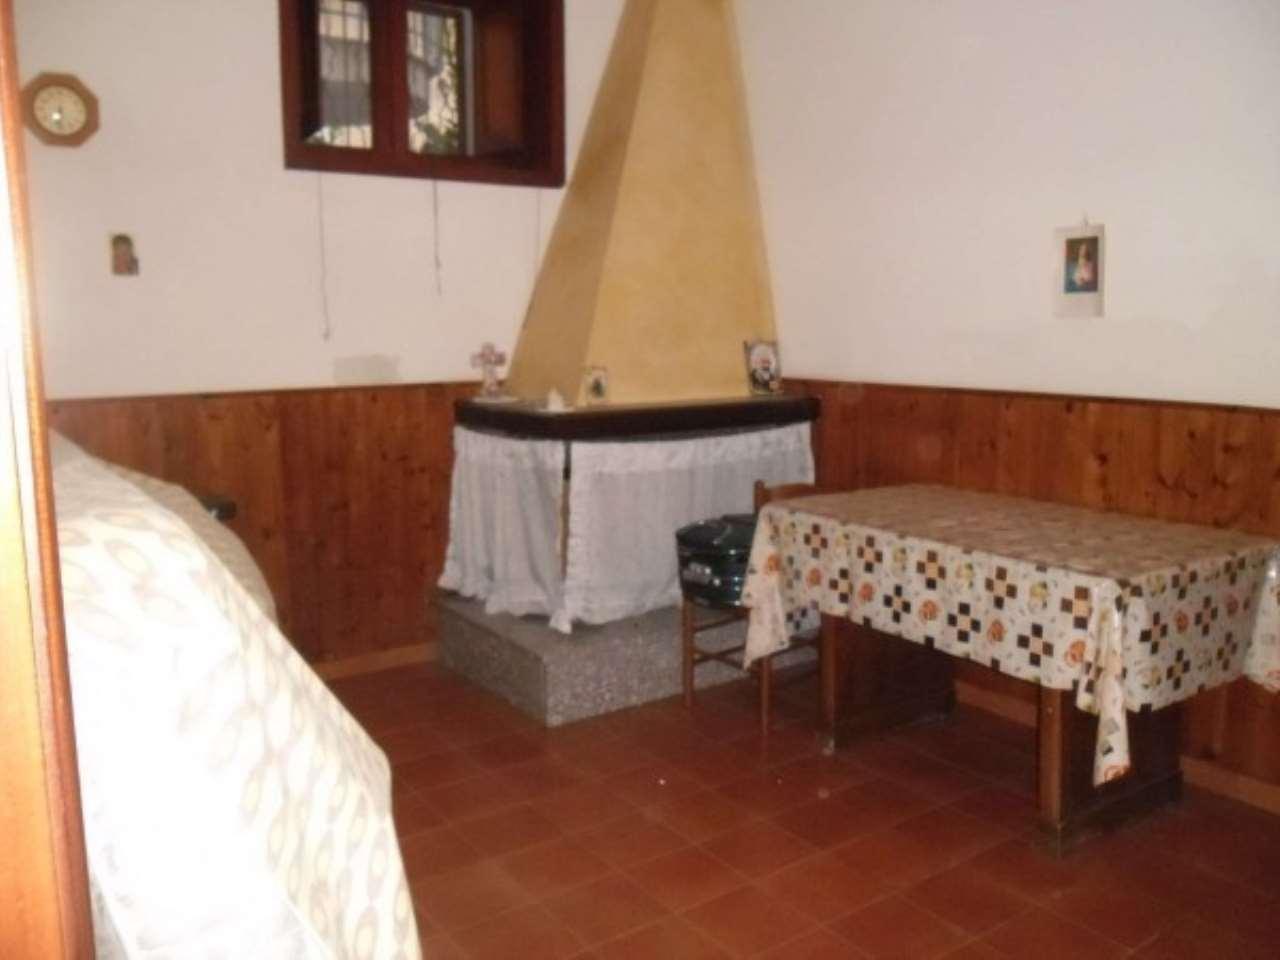 Soluzione Indipendente in vendita a Saviano, 3 locali, prezzo € 90.000 | CambioCasa.it